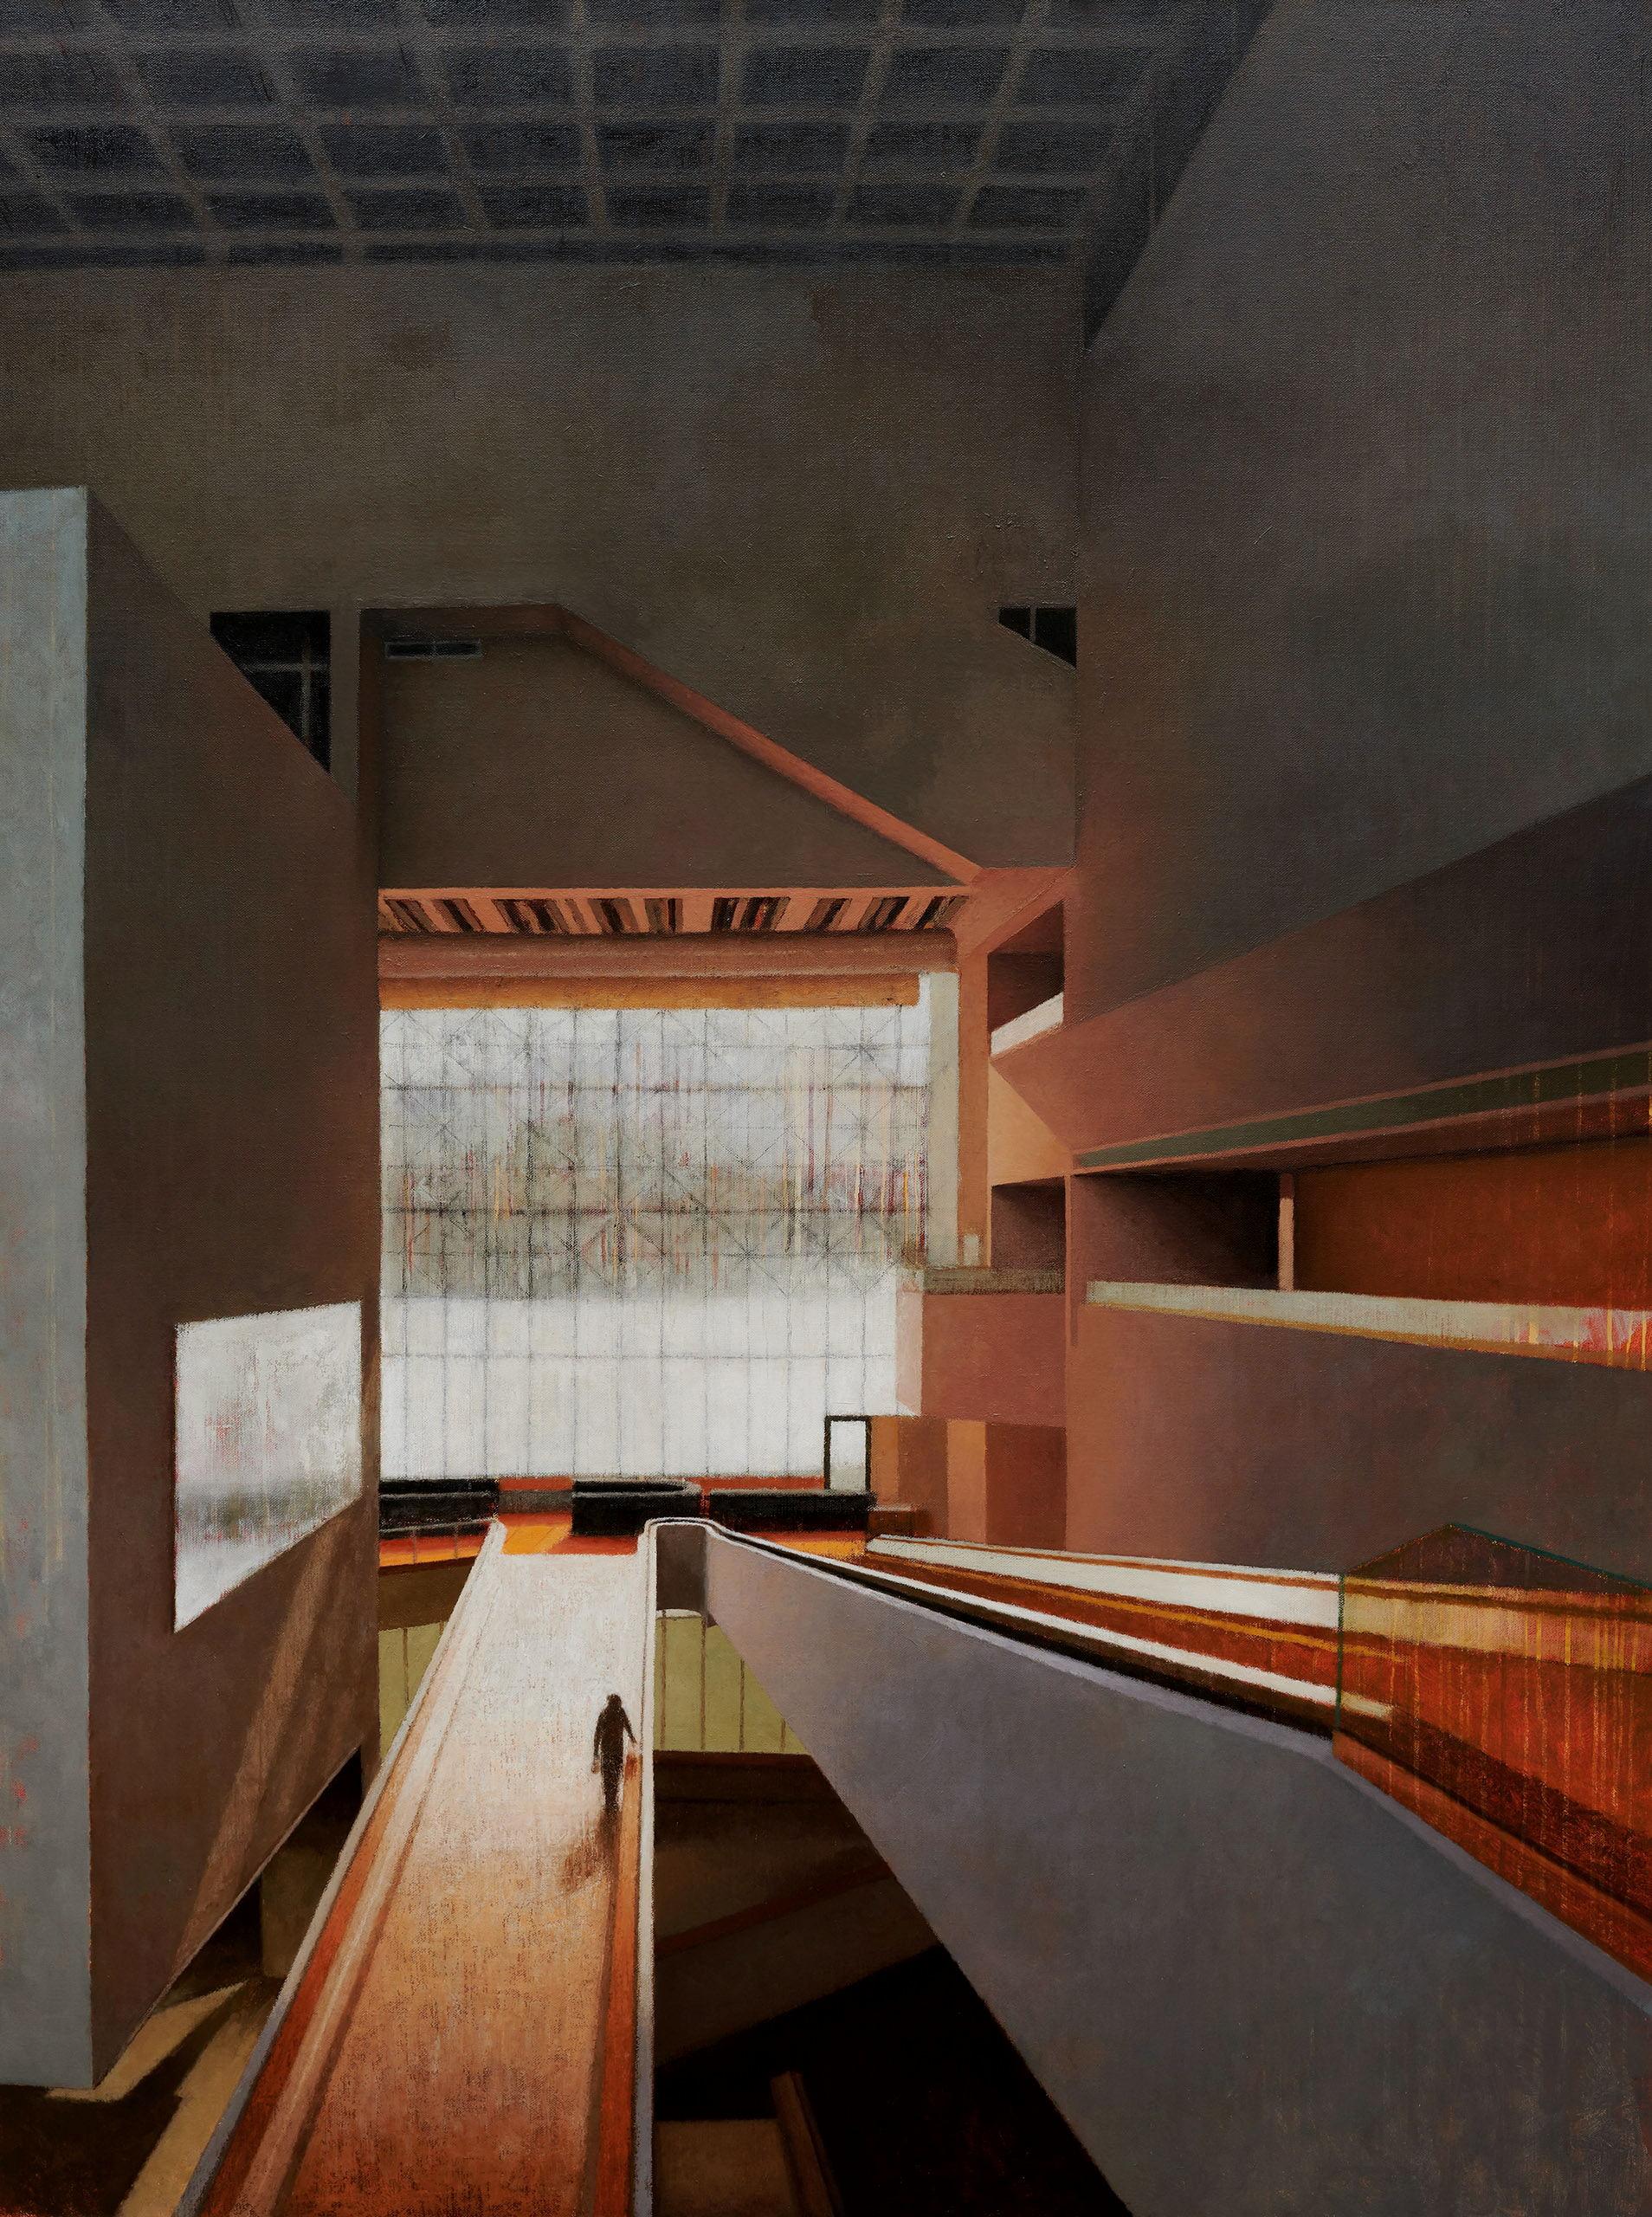 Interior 405 (High Court, morning light), 2019, oil on linen, 200cm x 150cm